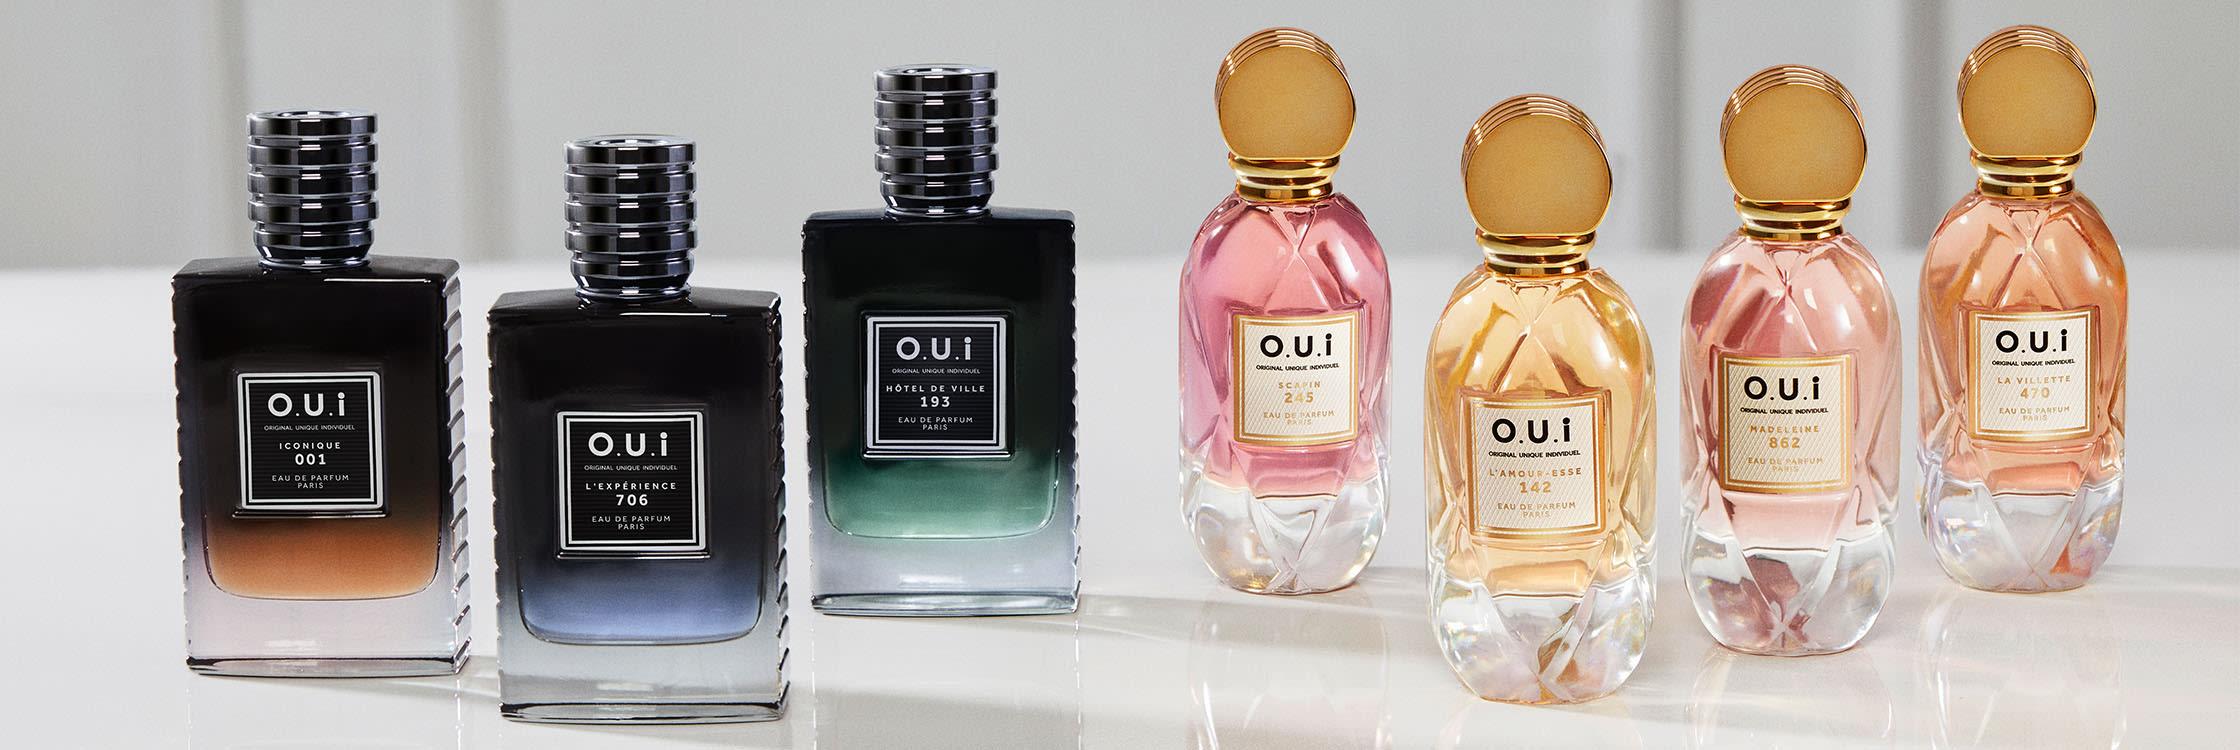 Eaux de Parfum O.U.i Unissex